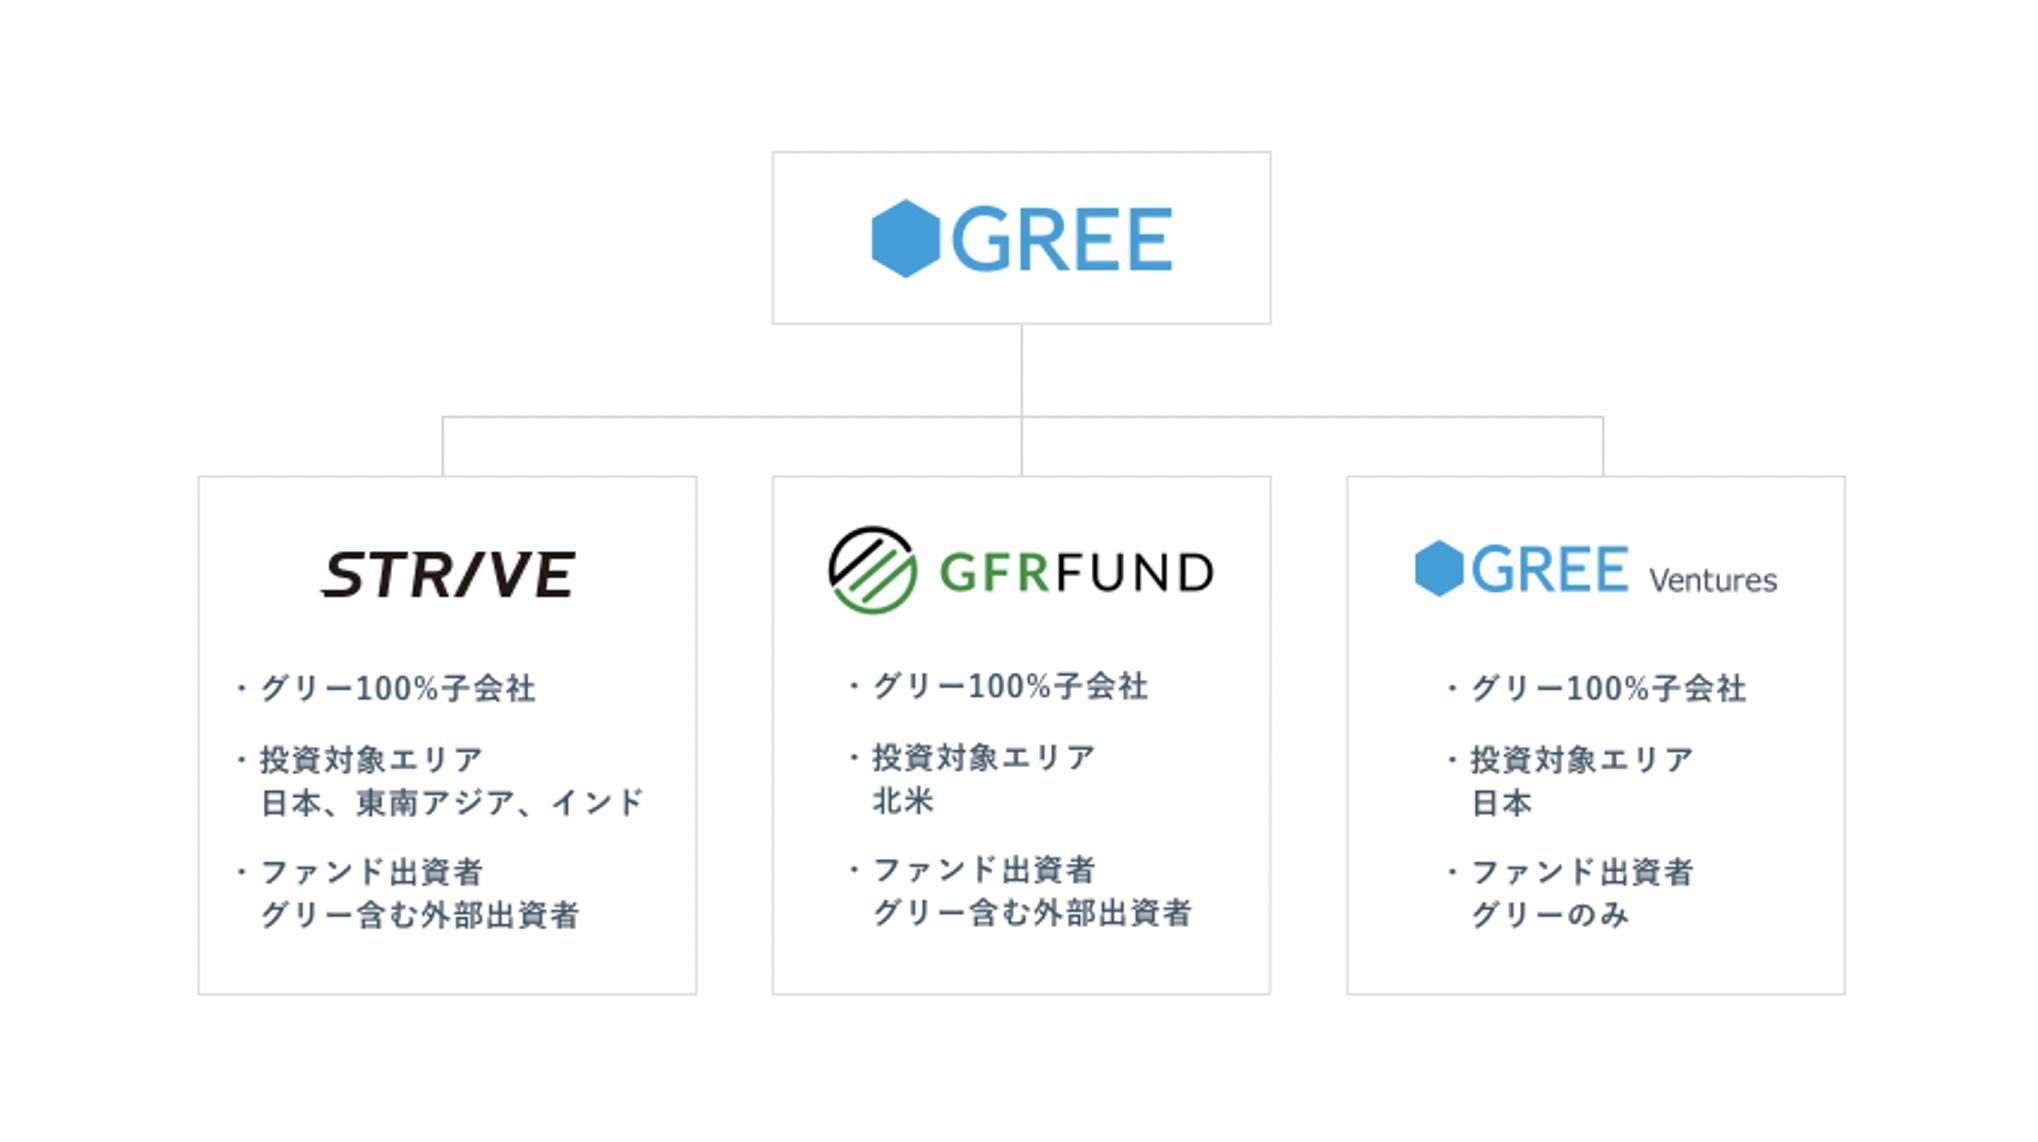 グリー、投資事業強化のため「グリーベンチャーズ」を設立